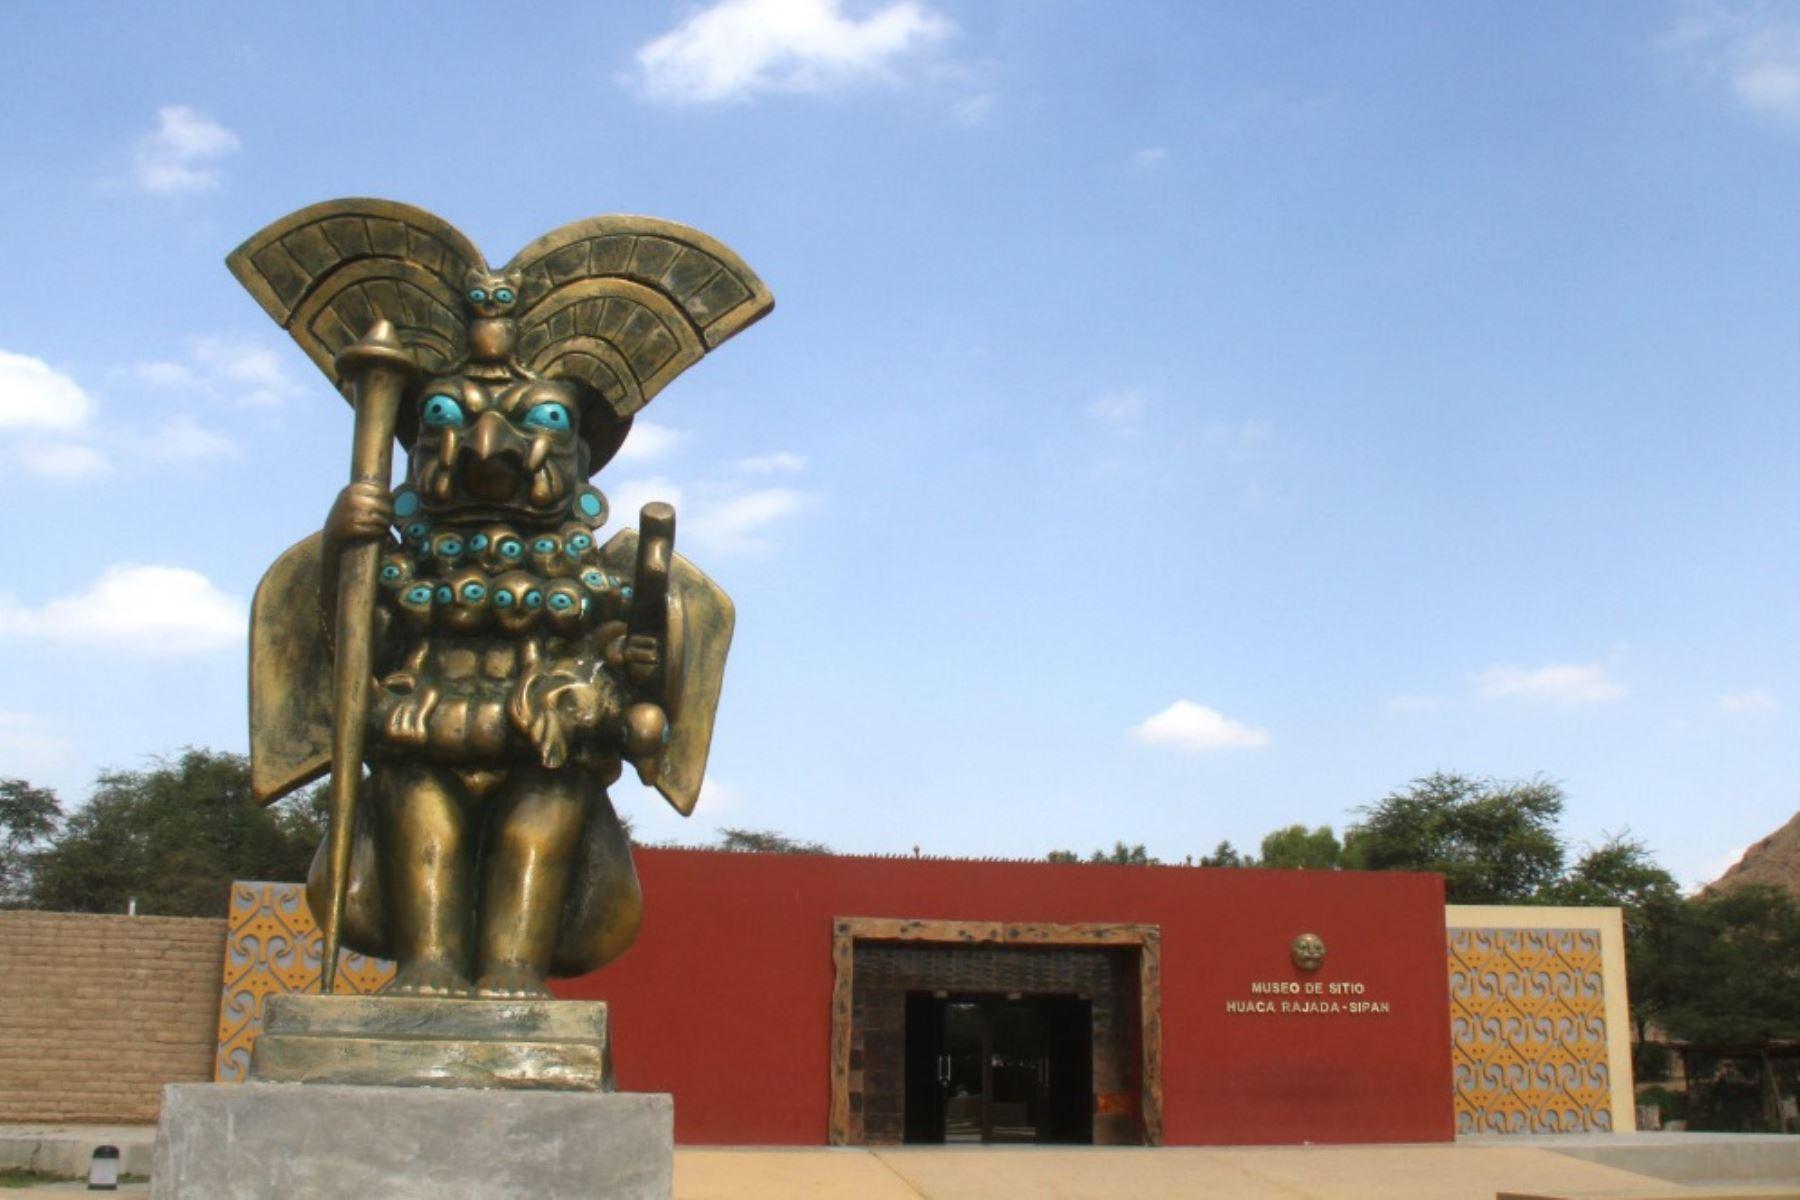 """El Museo de Sitio Huaca Rajada-Sipán celebra su décimo aniversario de una manera singular, con la """"elección del guerrero mochica"""", una competencia sobre resistencia física y conocimientos sobre esa cultura precolombina que surgió entre los siglos II y V en el valle del río Moche y se extendió hacia los valles de la costa norte del Perú."""